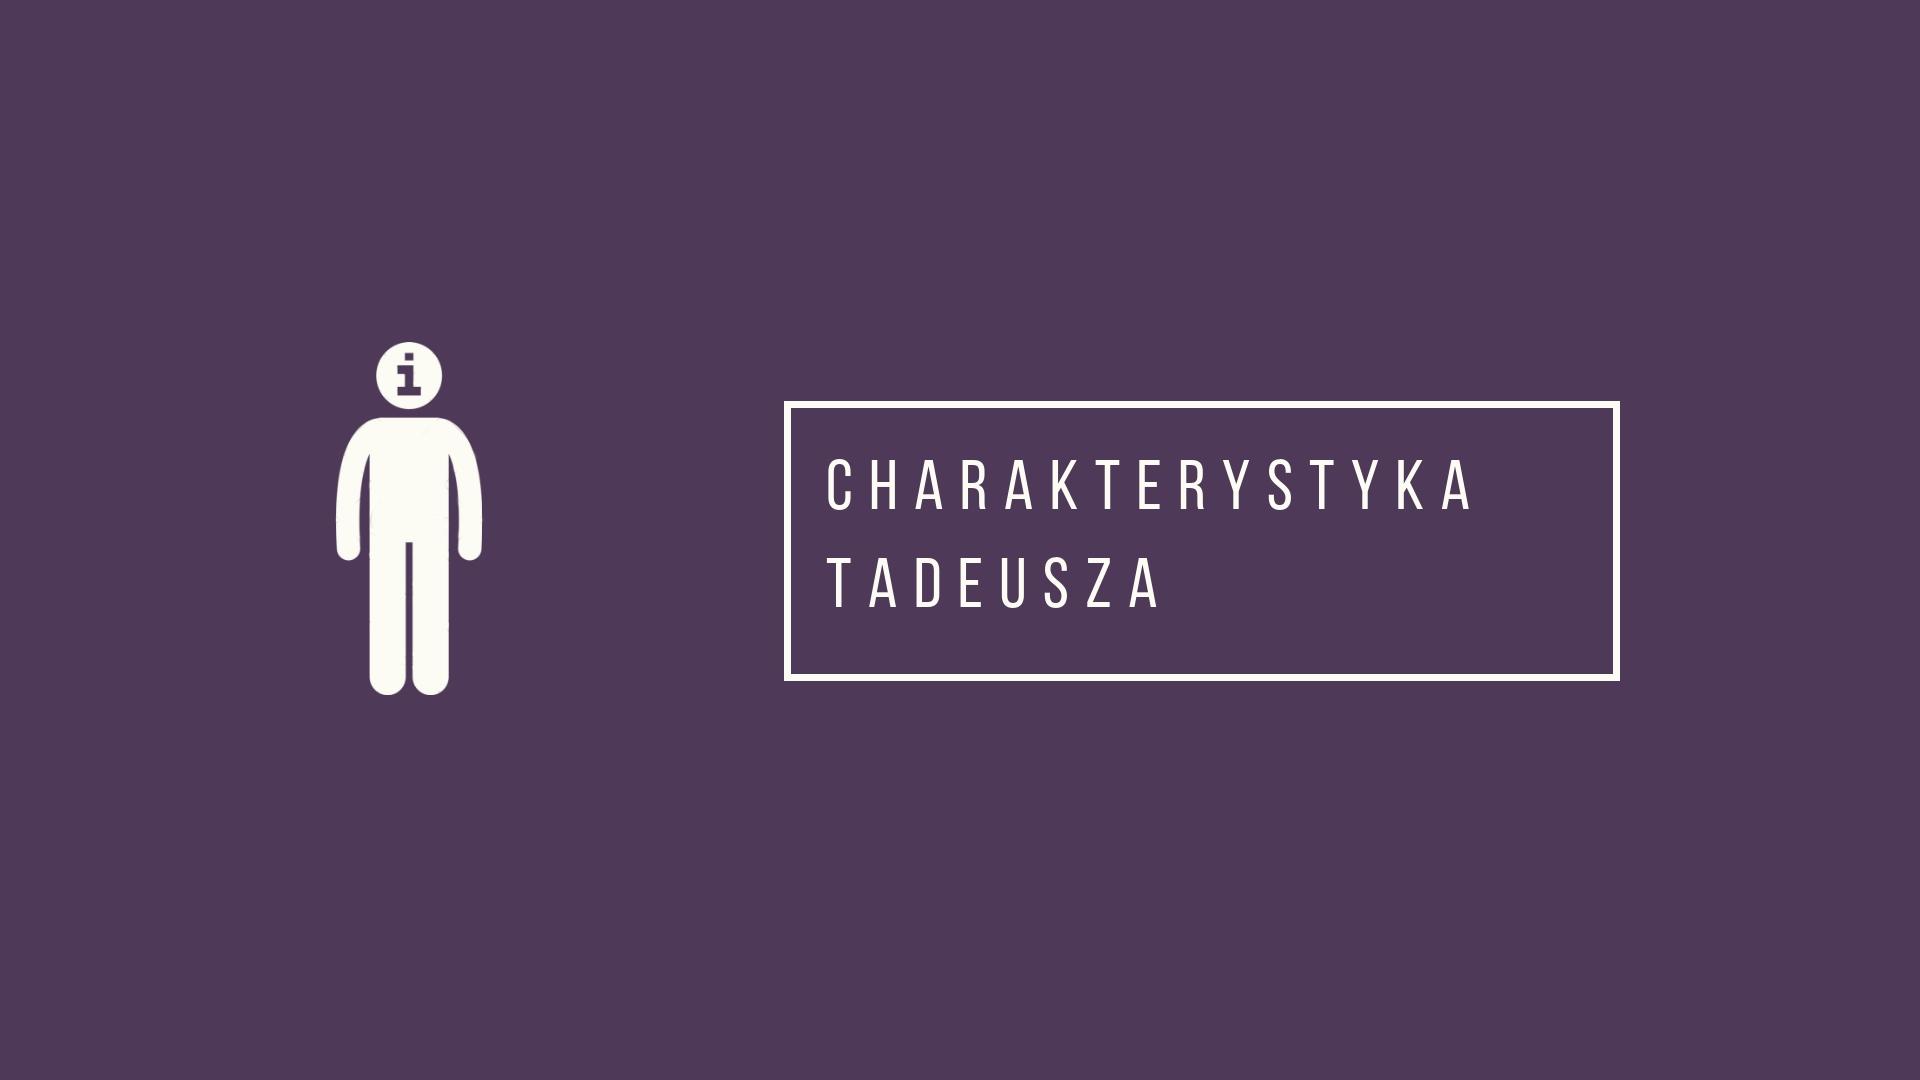 Charakterystyka Tadeusza